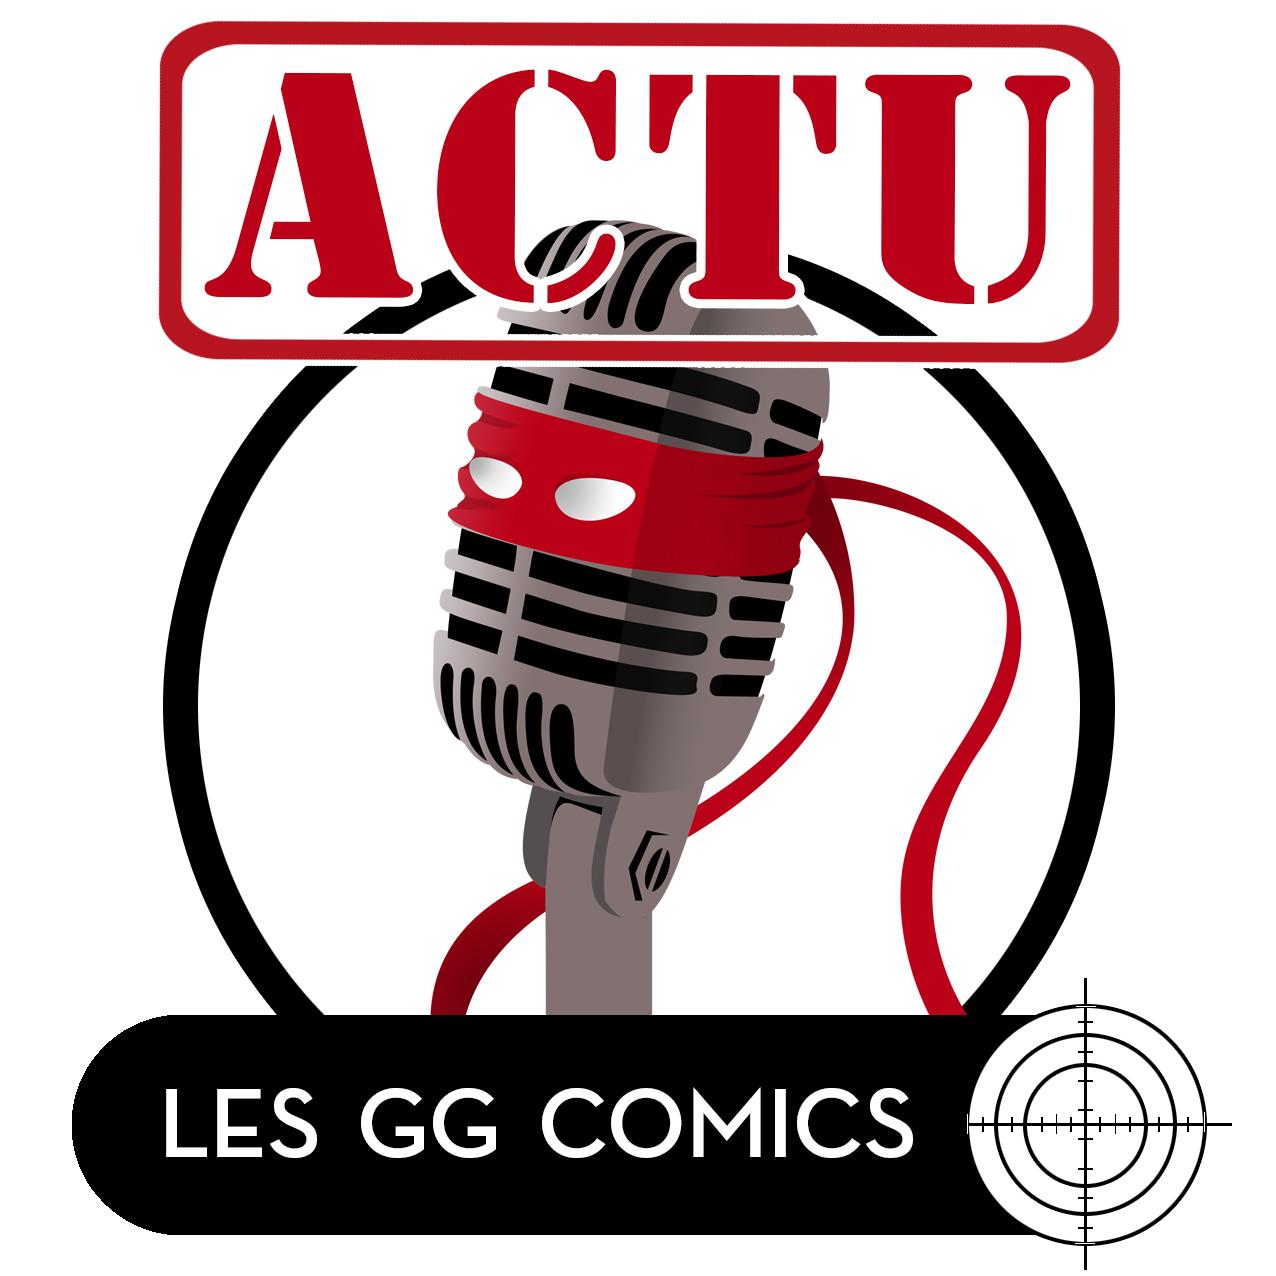 Les GG comics Actu 6 : Spécial Comic Con Paris 2018